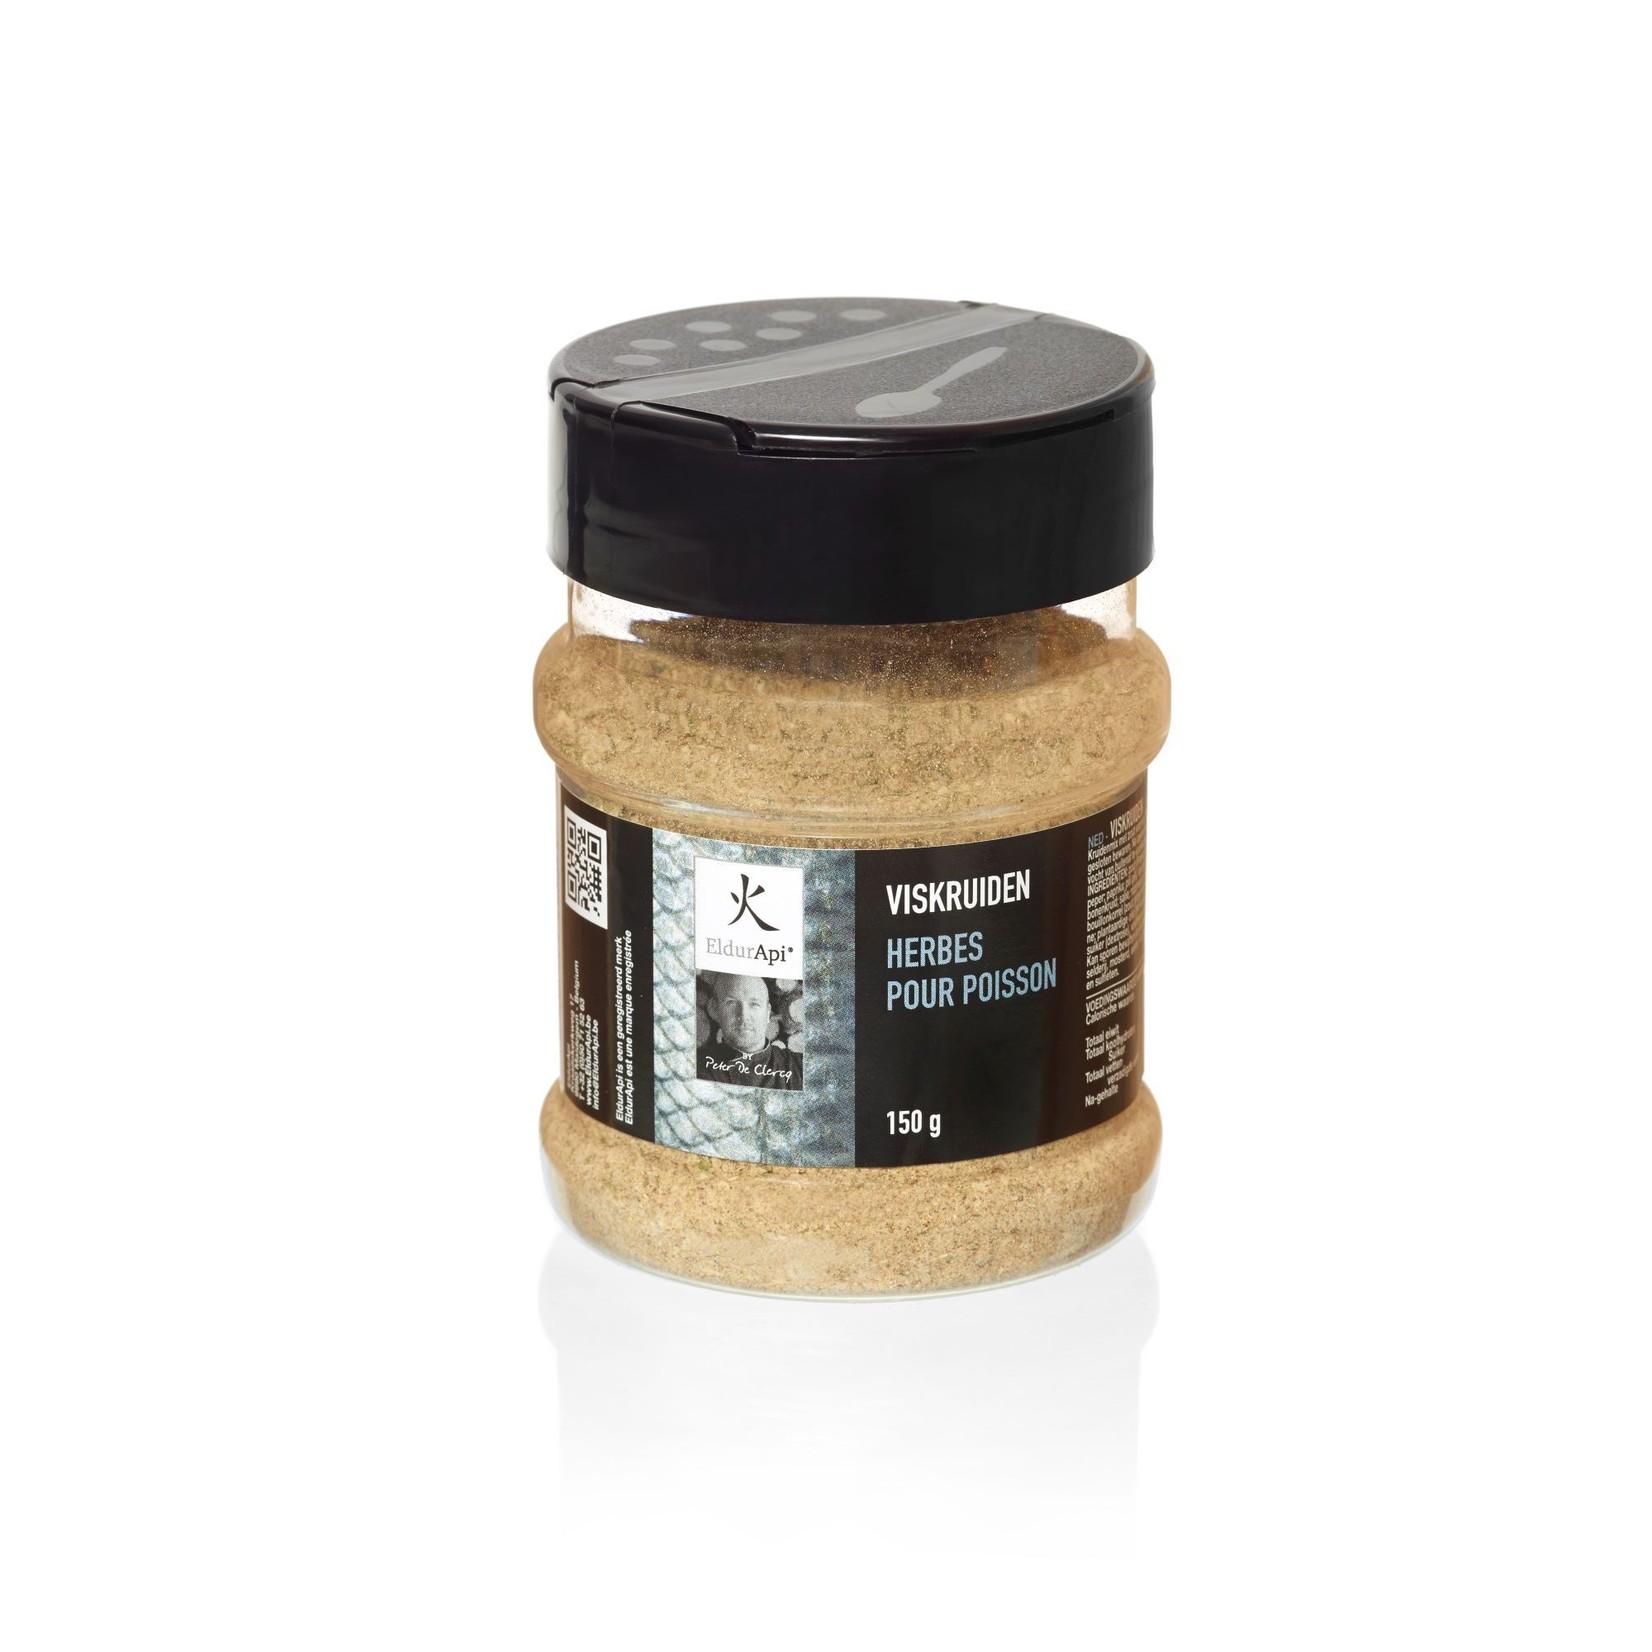 EldurApi EldurApi Viskruiden 150 gram